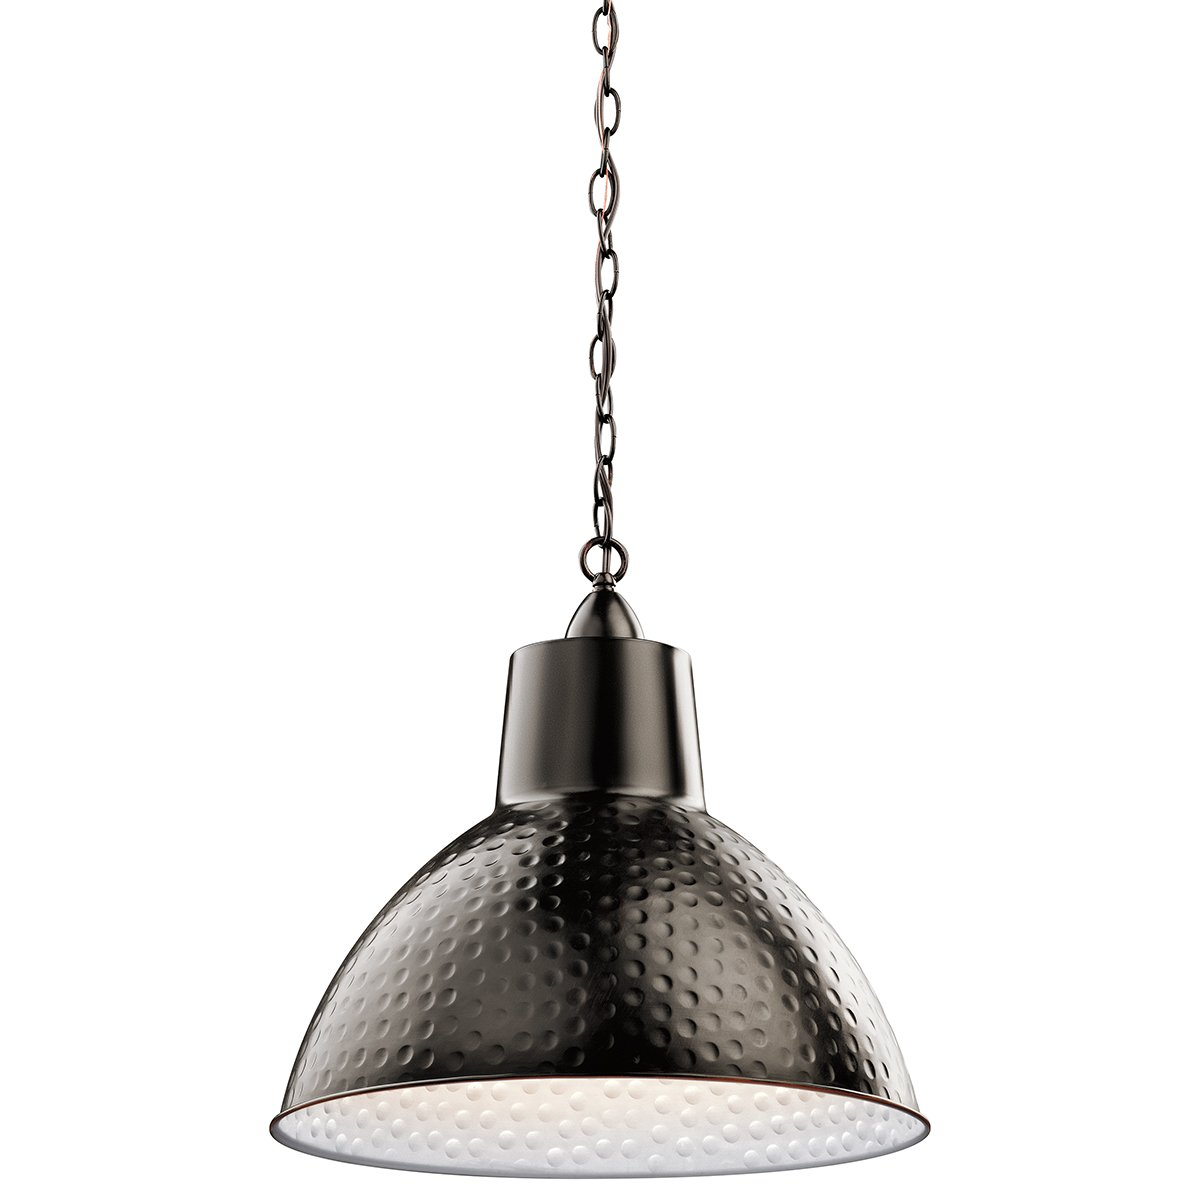 Volume Lighting V1890-15 1-Light Mini-Pendant